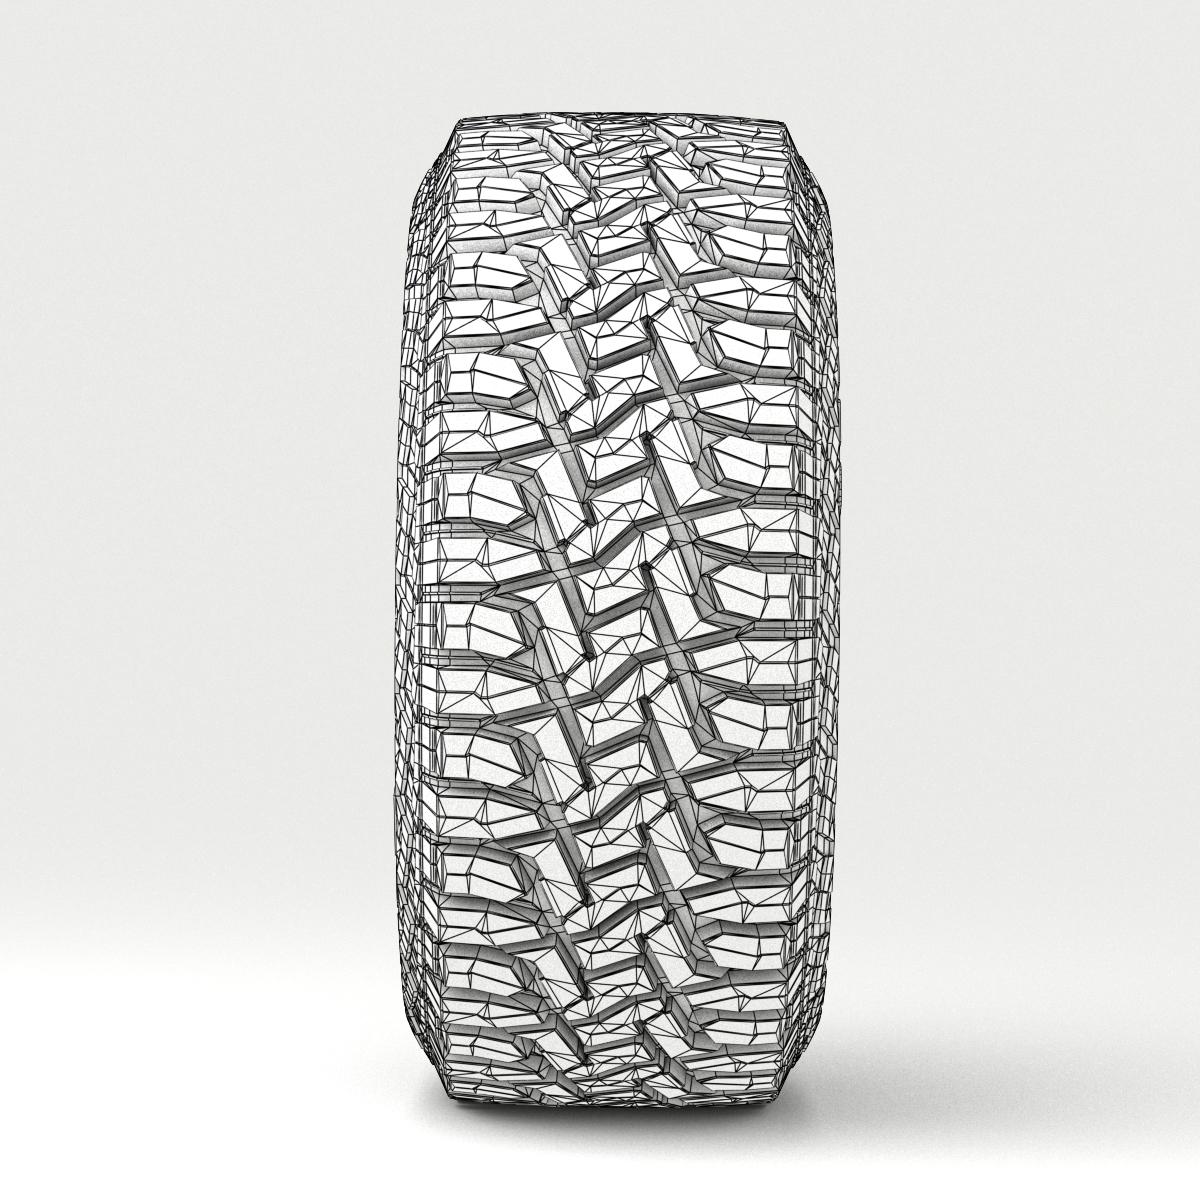 off road wheel and tire 7 3d model 3ds max fbx tga targa icb vda vst pix obj 282492